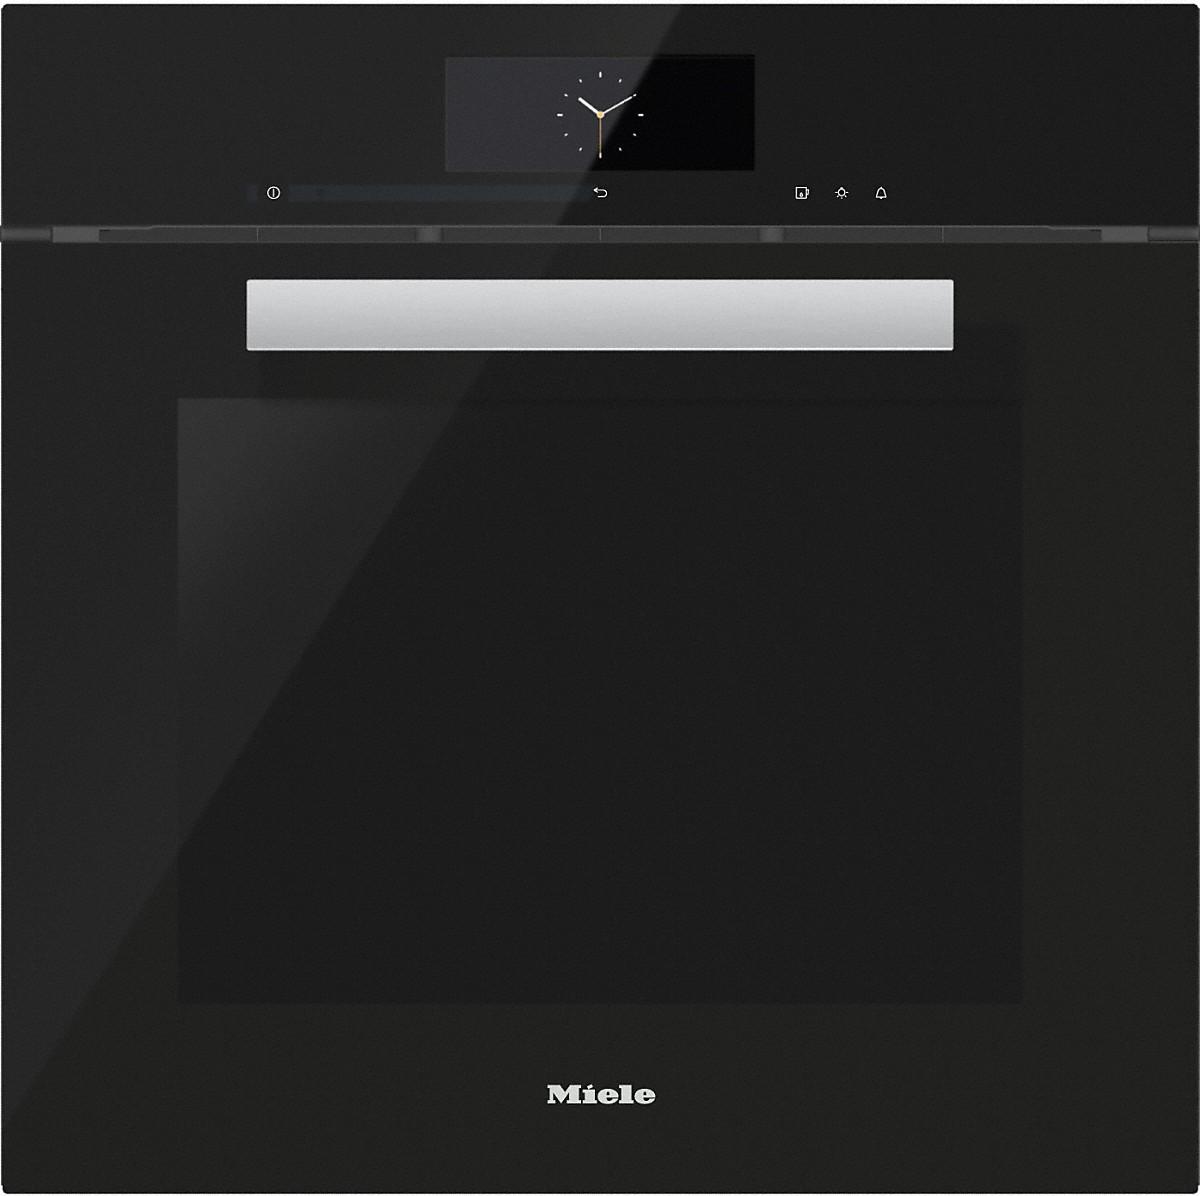 miele dgc 6860 dampfgarer mit vollwertiger backofenfunktion xxl. Black Bedroom Furniture Sets. Home Design Ideas